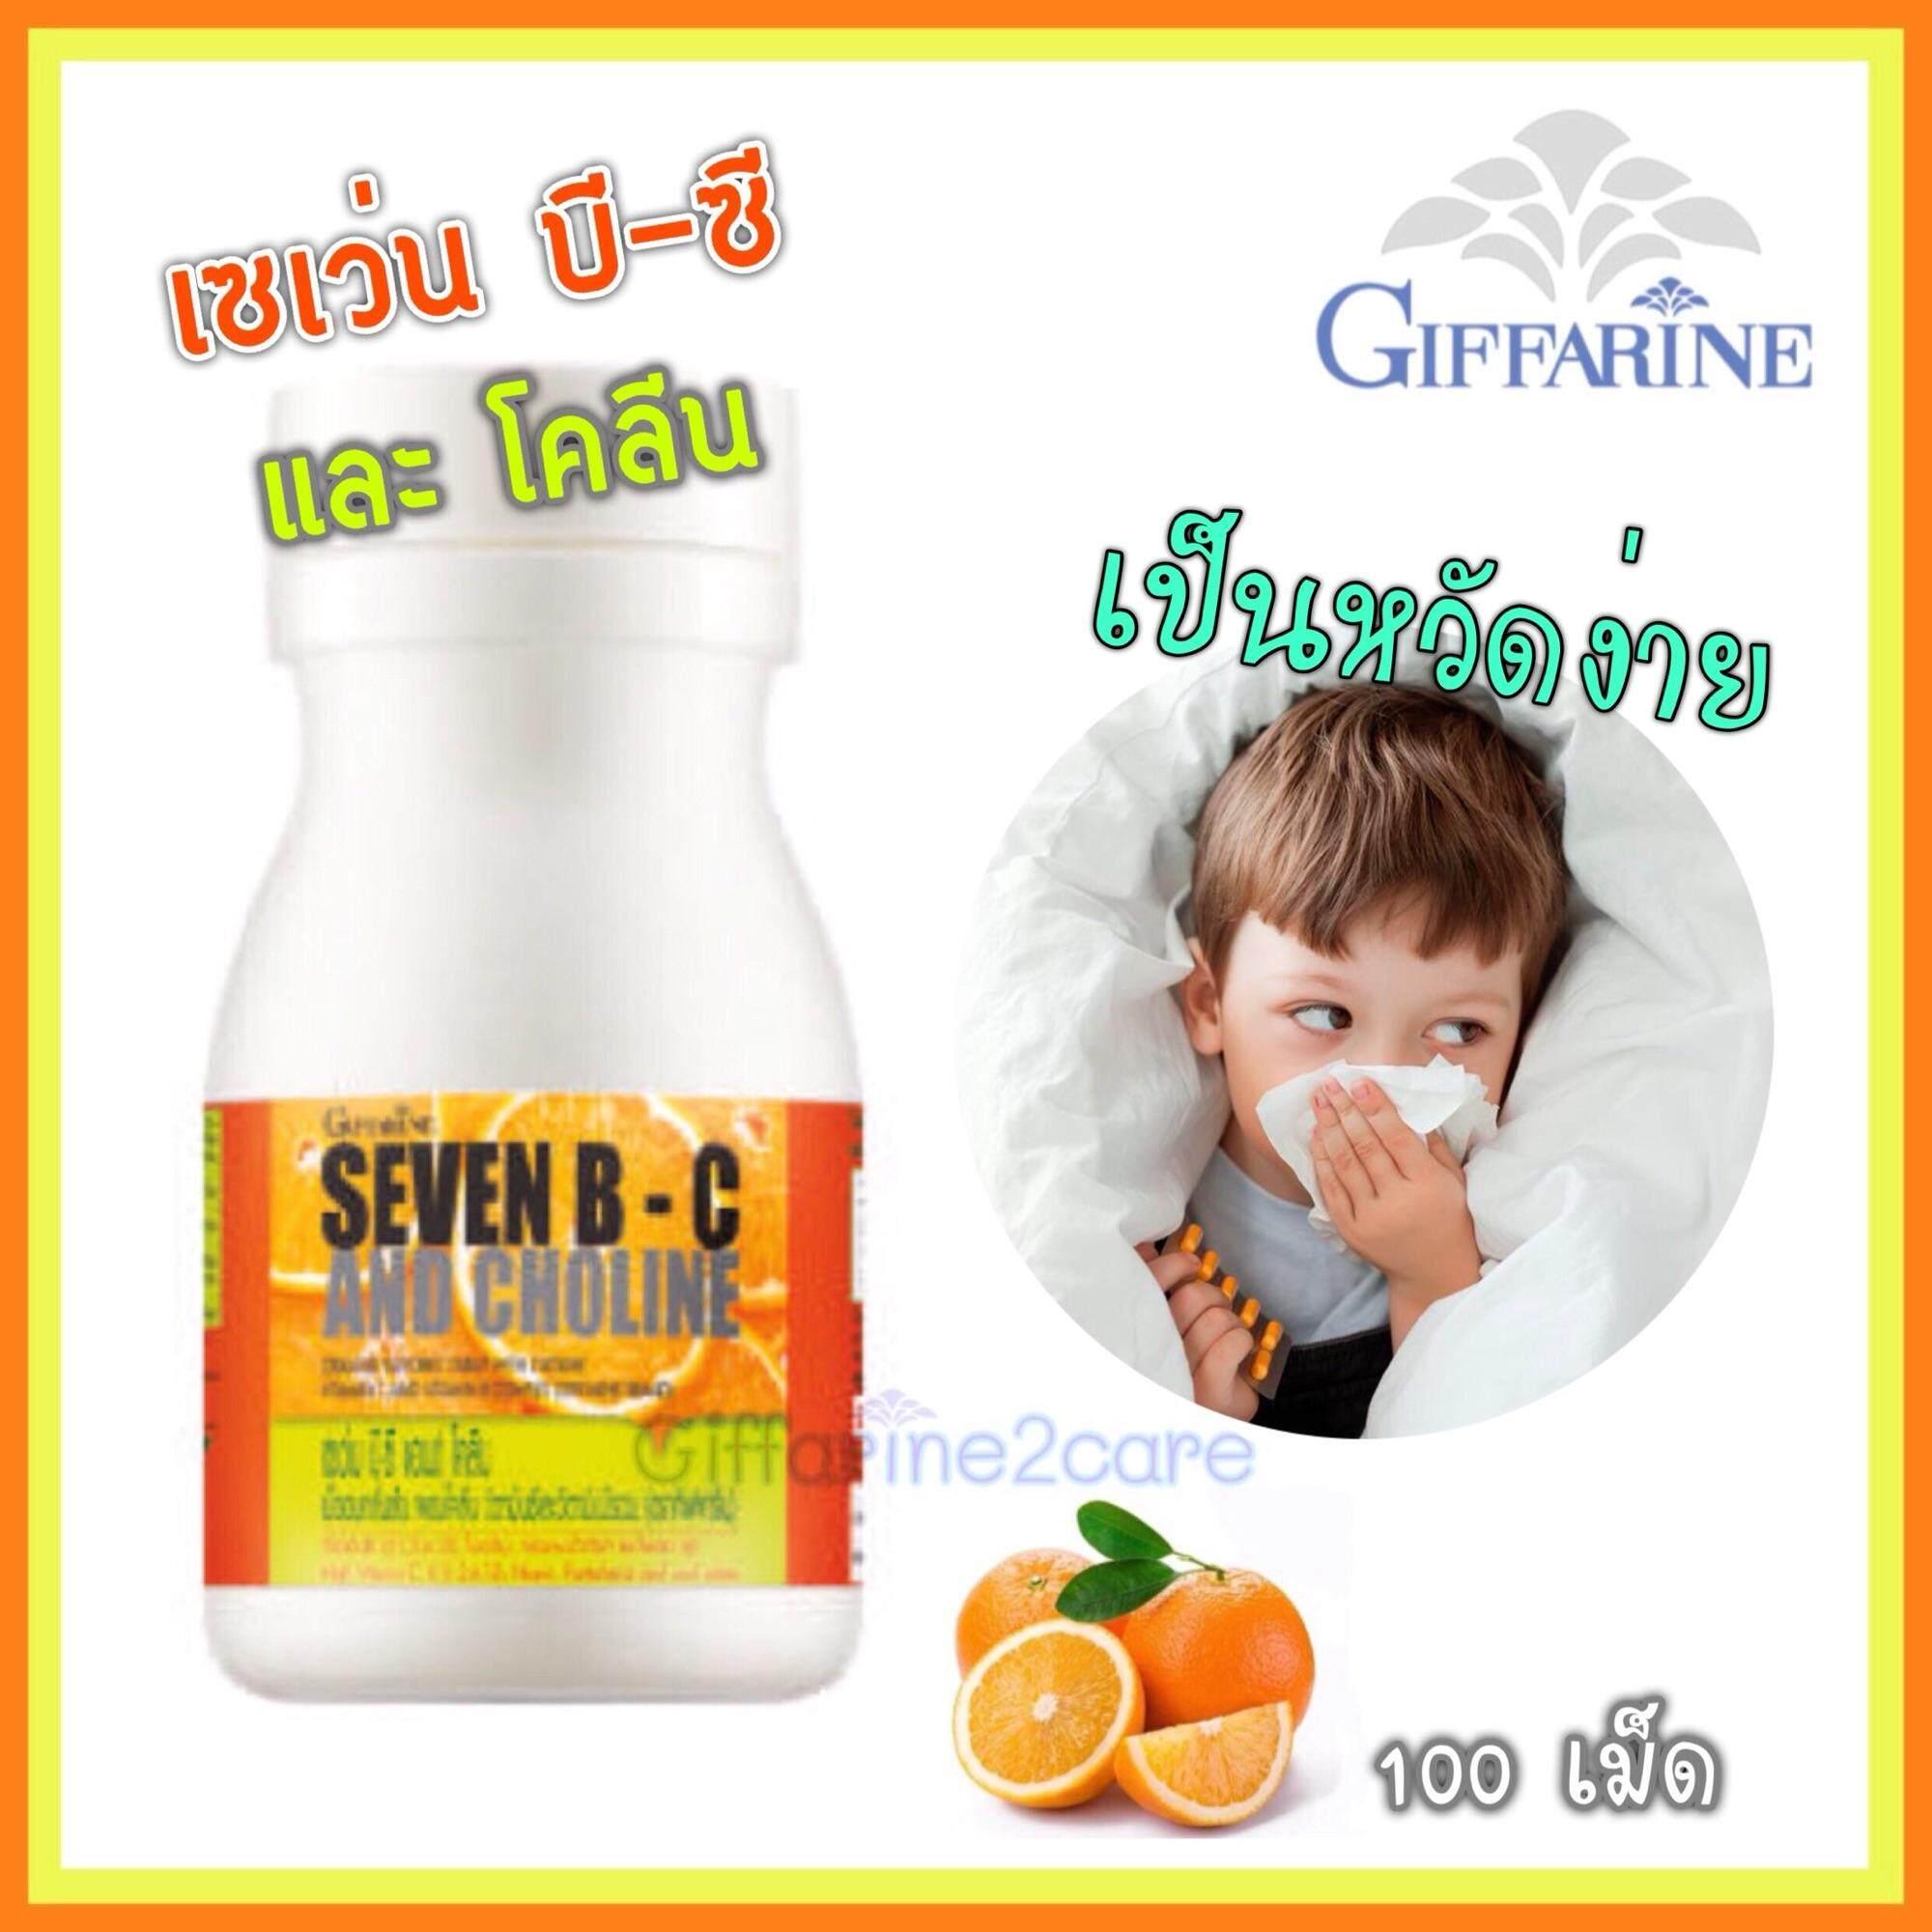 Giffarine Seven B-C And Choline เซเว่นบี-ซี แอนด์ โคลีน (เม็ดอม) ผสมโคลีน วิตามินซี และ วิตามินบีรวม ช่วยการทำงานของระบบประสาทและสมอง ความจำดี คนเป็นหวัดบ่อย สำหรับเด็ก 100 เม็ด (กลิ่นส้ม).